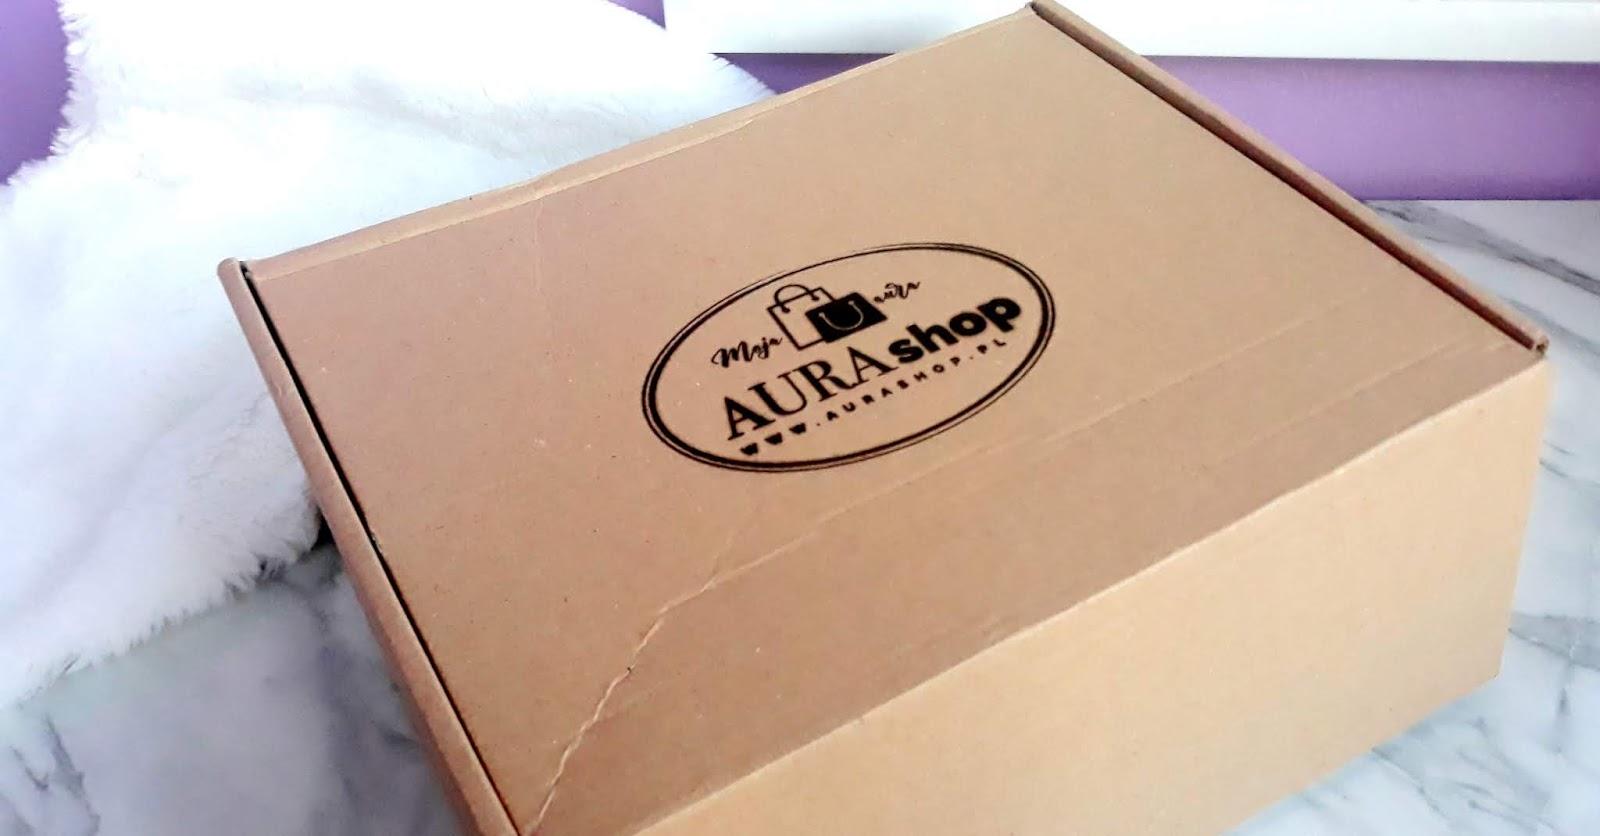 AURAshop koreański box kosmetyczny